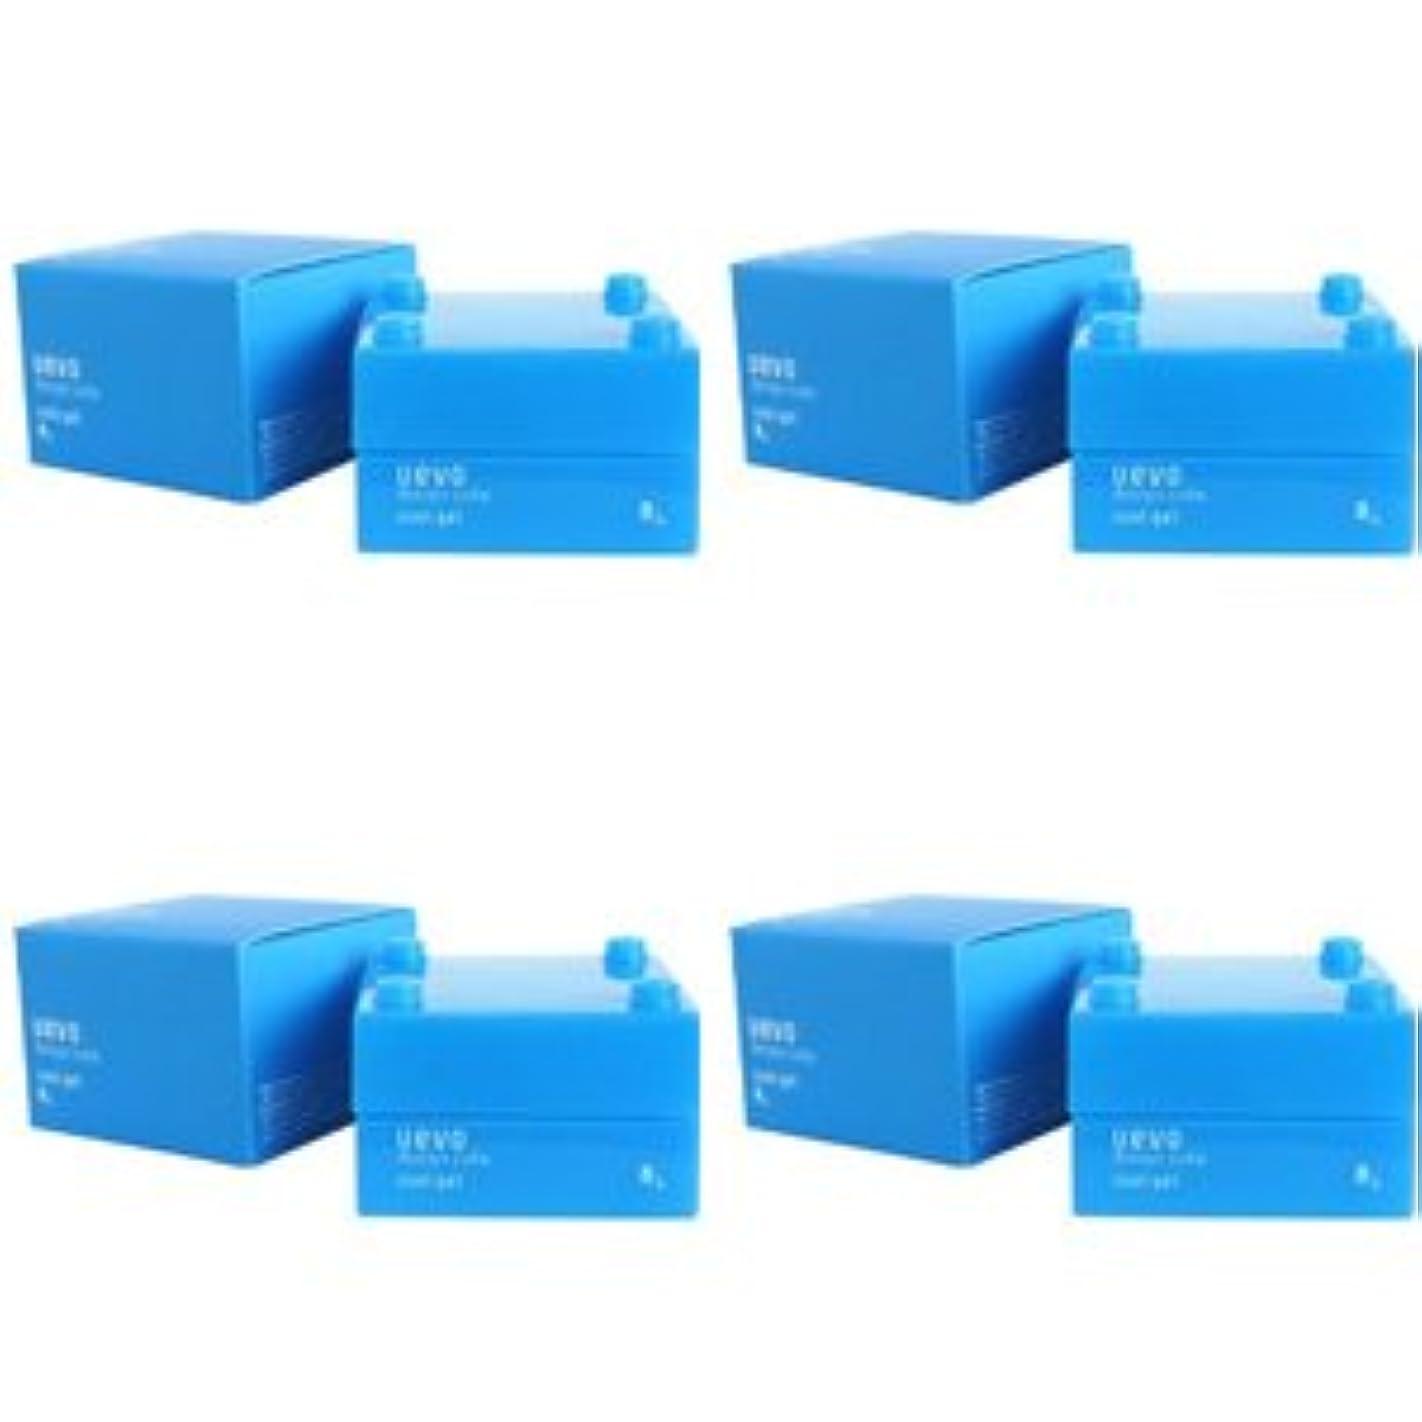 戦闘軽くフェード【X4個セット】 デミ ウェーボ デザインキューブ クールジェル 30g cool gel DEMI uevo design cube